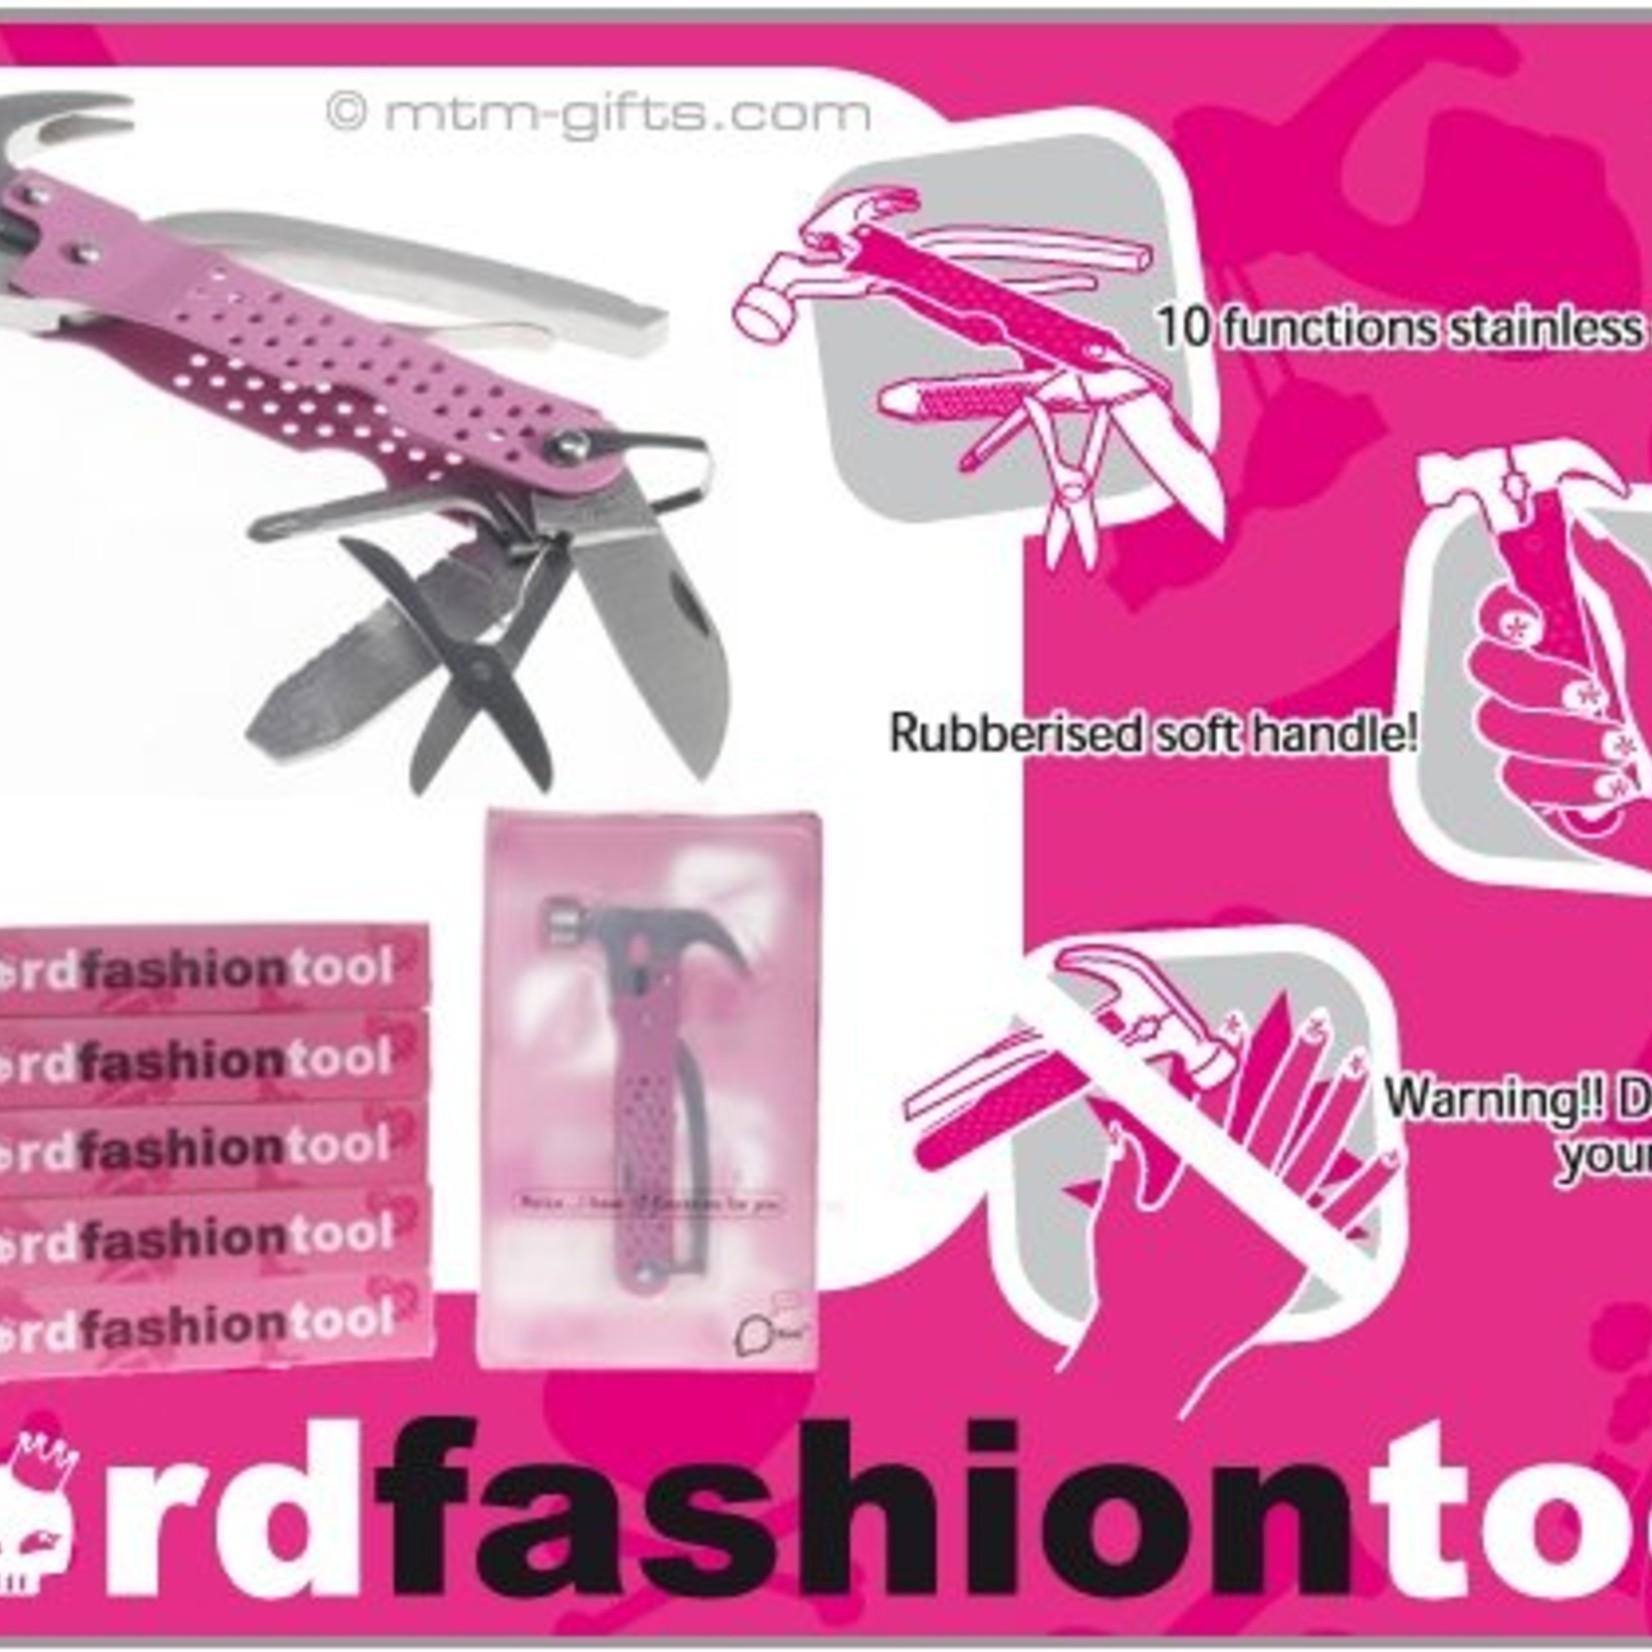 DHINK® Pink Fashion Tool stainless steel met hamer, knijp- en kniptang, vijl, flesopener, schaartje, zaag, mes en schroevendraaier(2). Rubberbekleding, zachte handgreep.